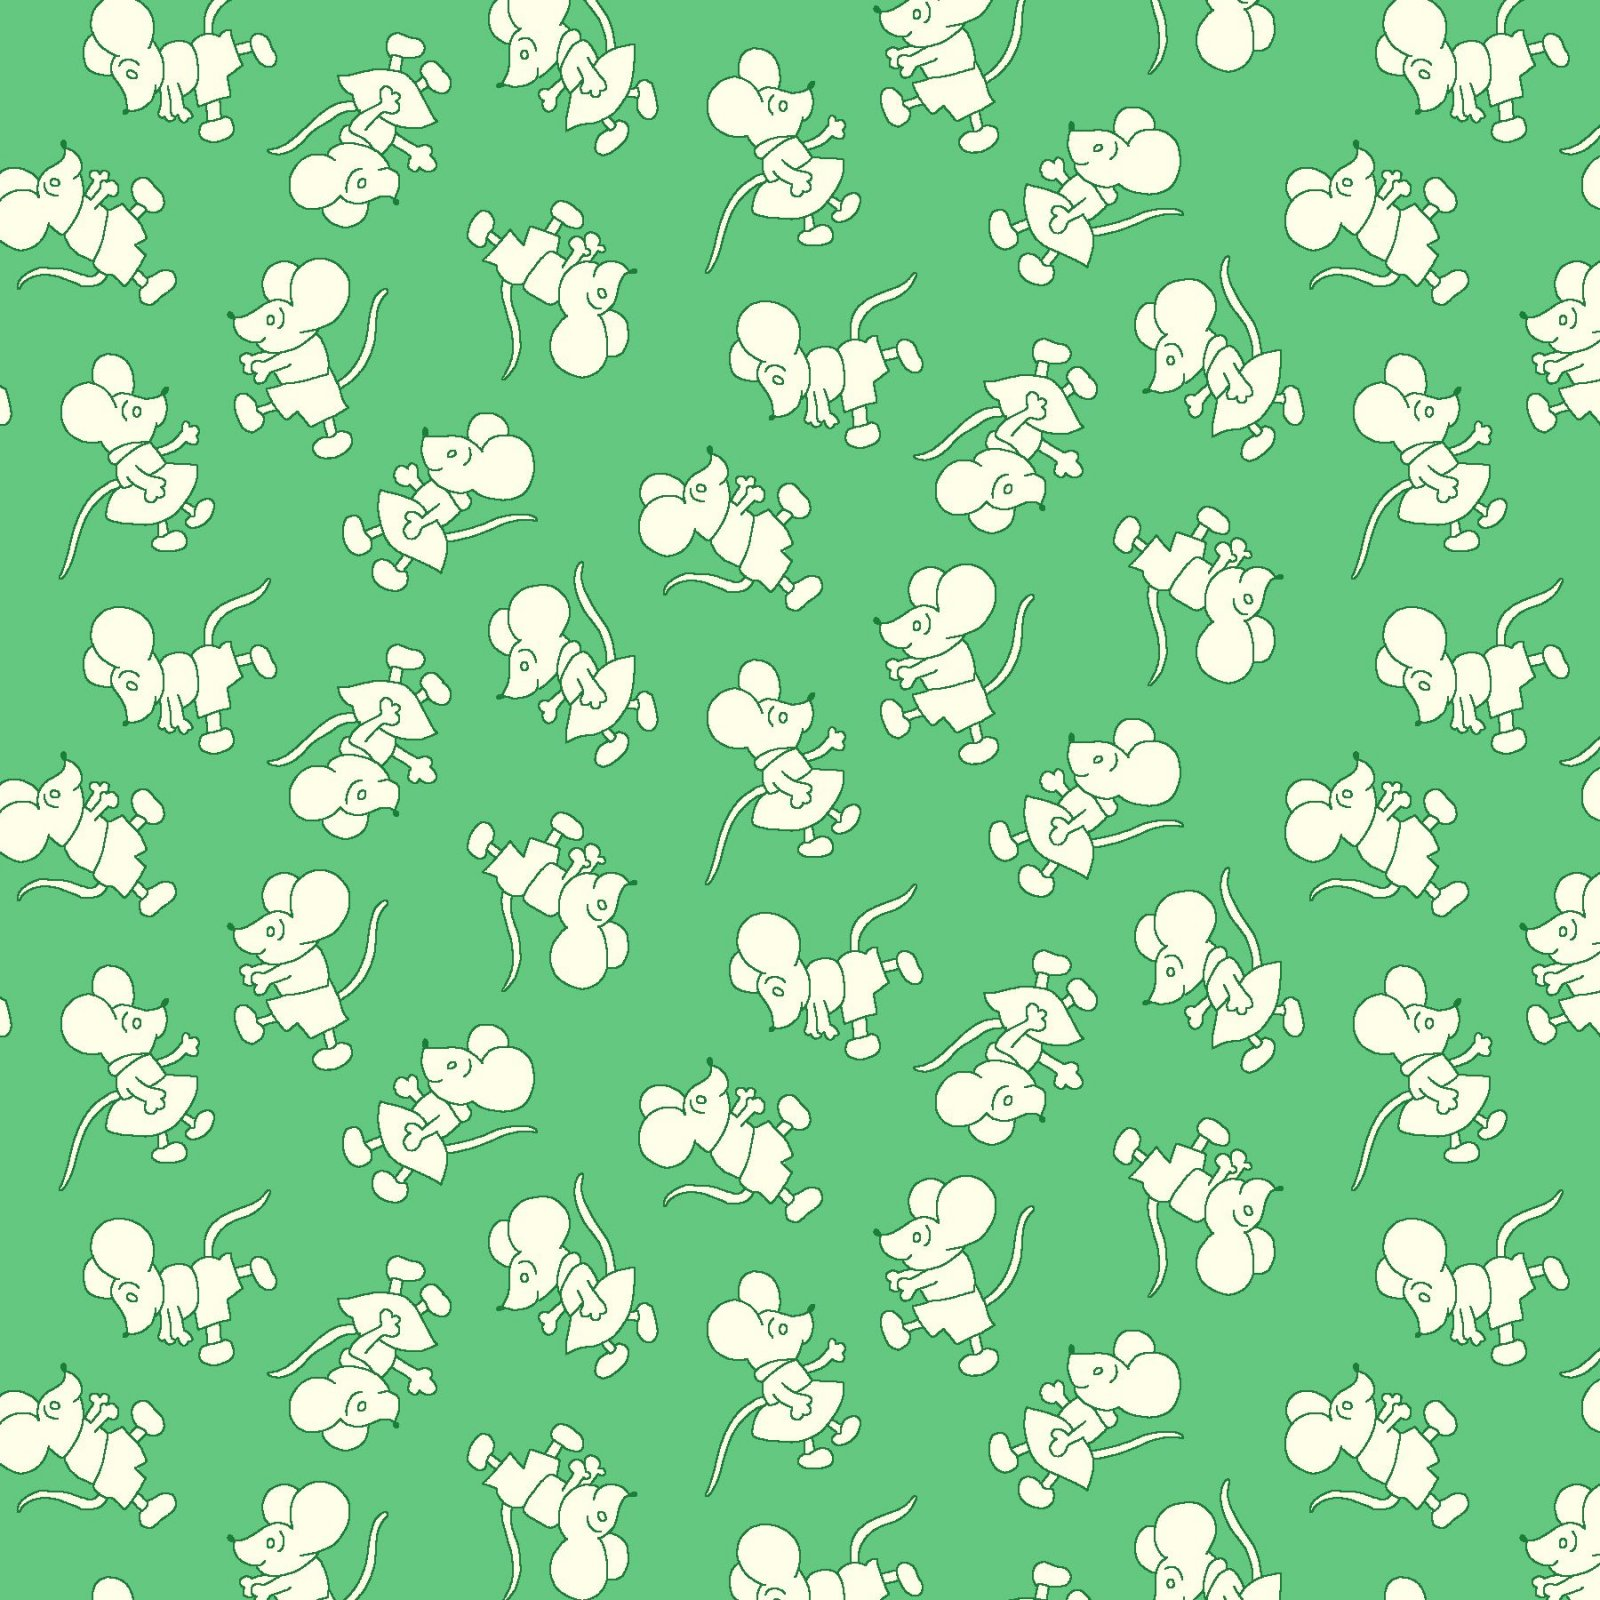 HG-Nana Mae V 9693-66 Green - Tiny Mice